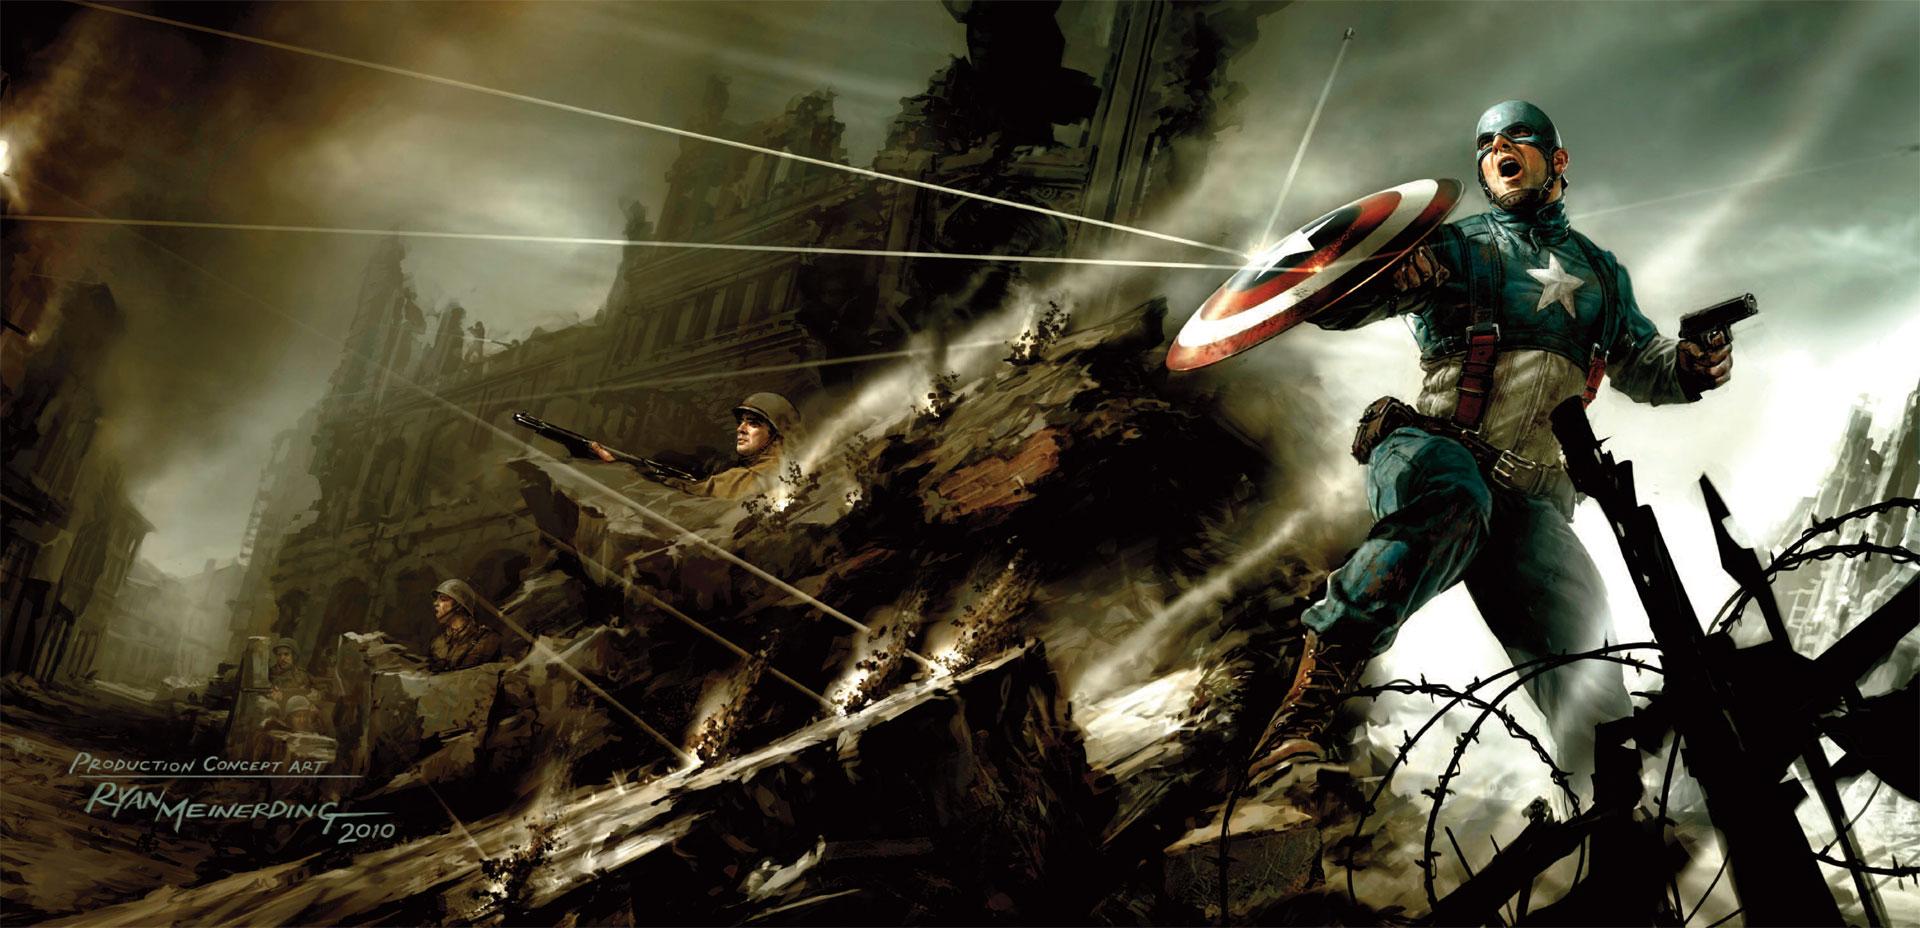 marvel_heroes_posters_0.jpg